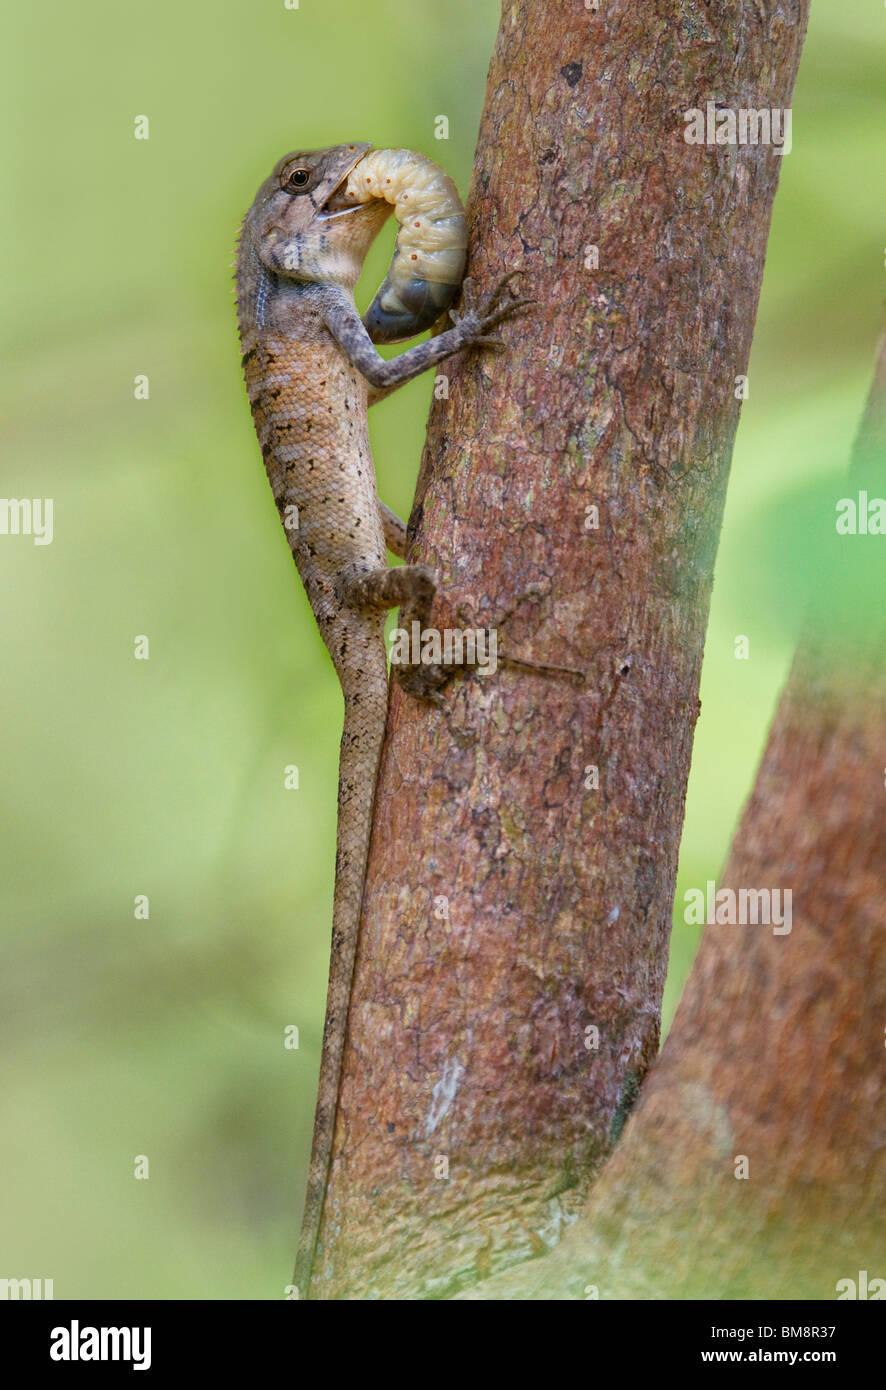 Garten-Eidechse (Calotes versicolor) ernähren sich von großen Insektenlarven, Ko Ra, Süd-Thailand. Stockbild